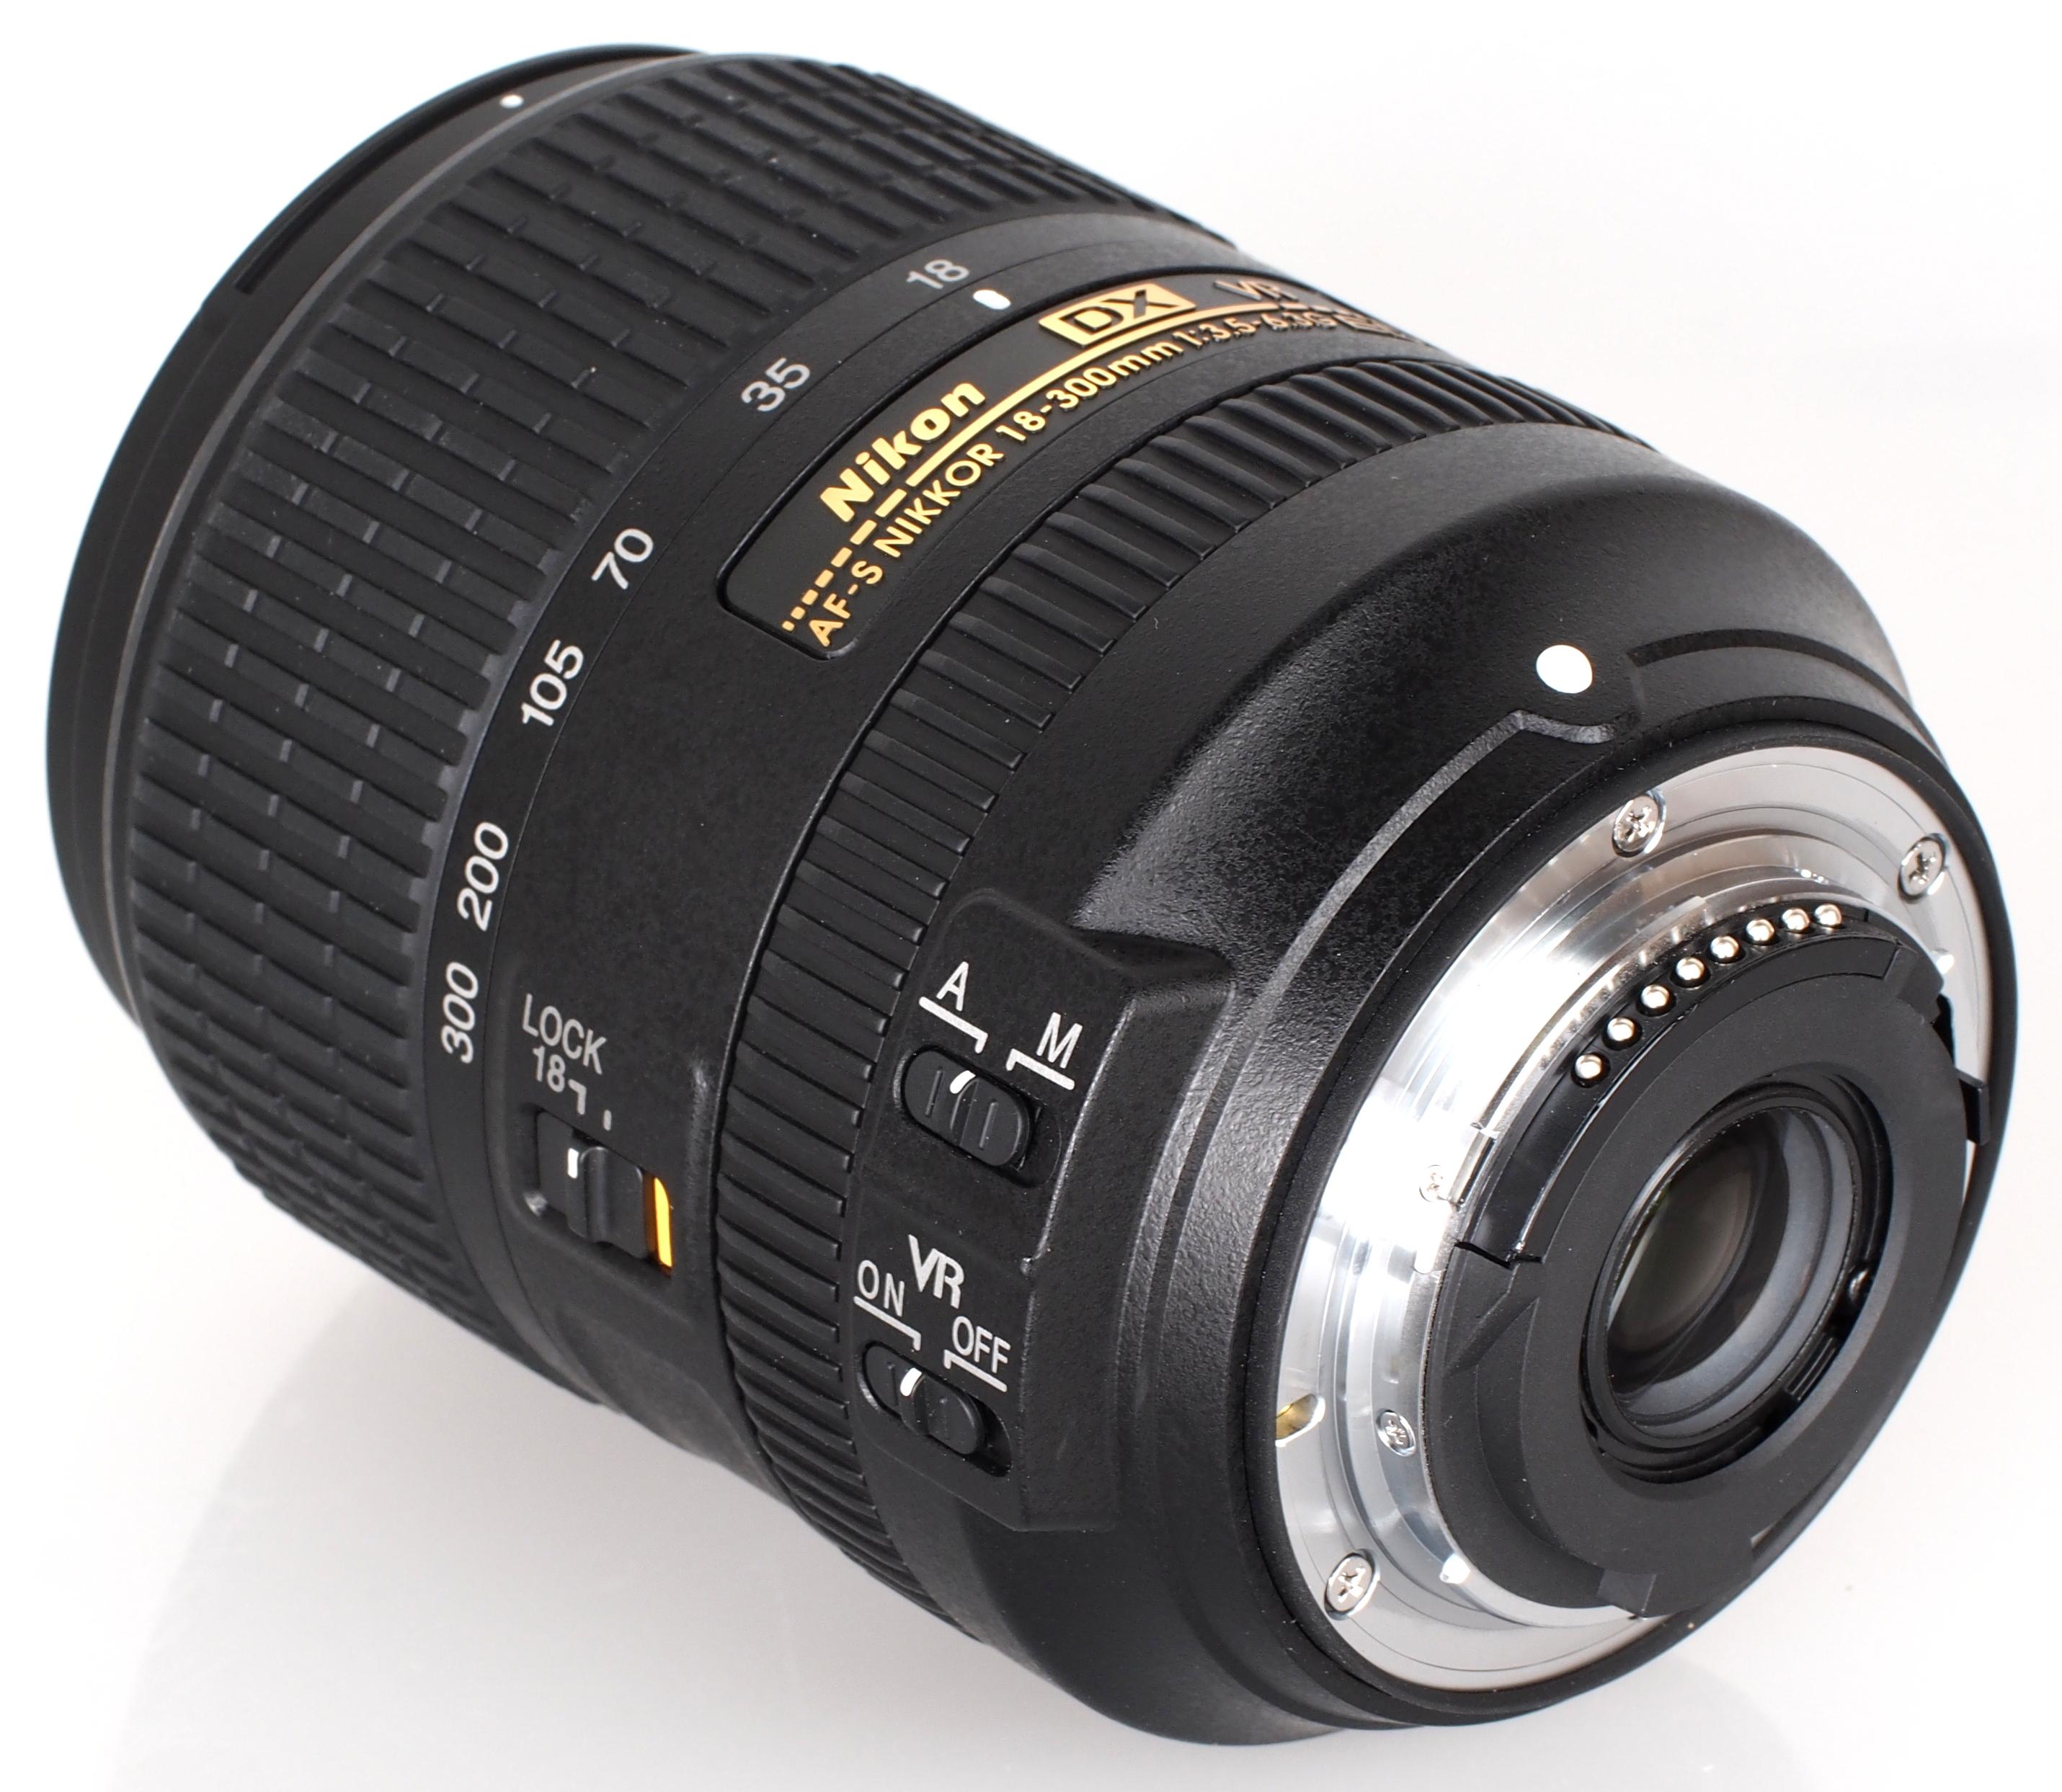 2-af-s-dx-vr-nikon-f-18-mm